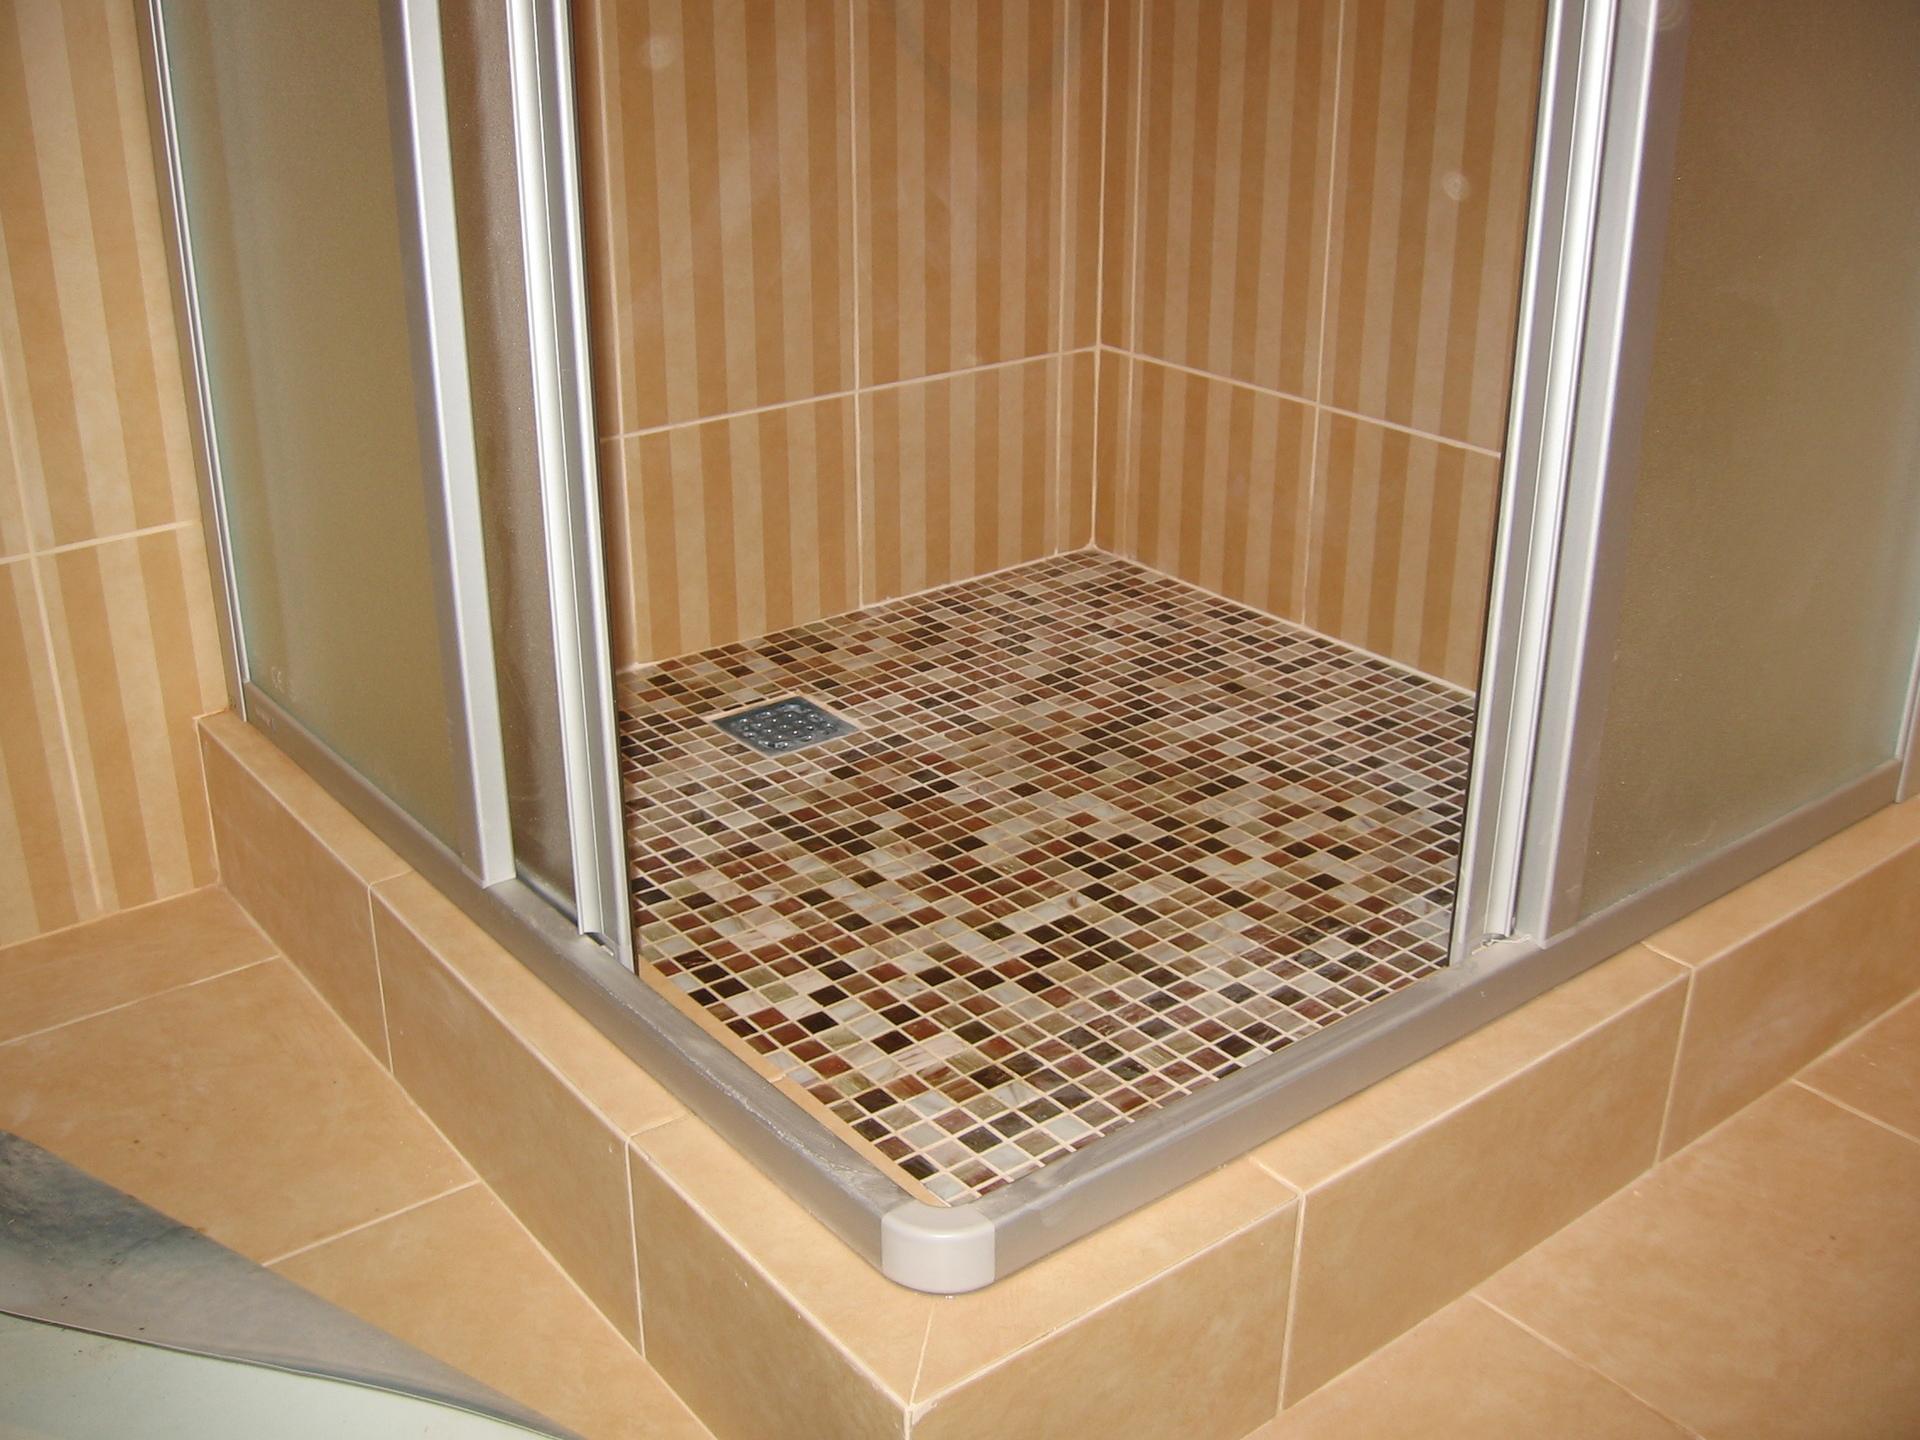 Дизайн плитка 3 д для ванной 3d плитка в интерьере ванной комнаты фото идеи